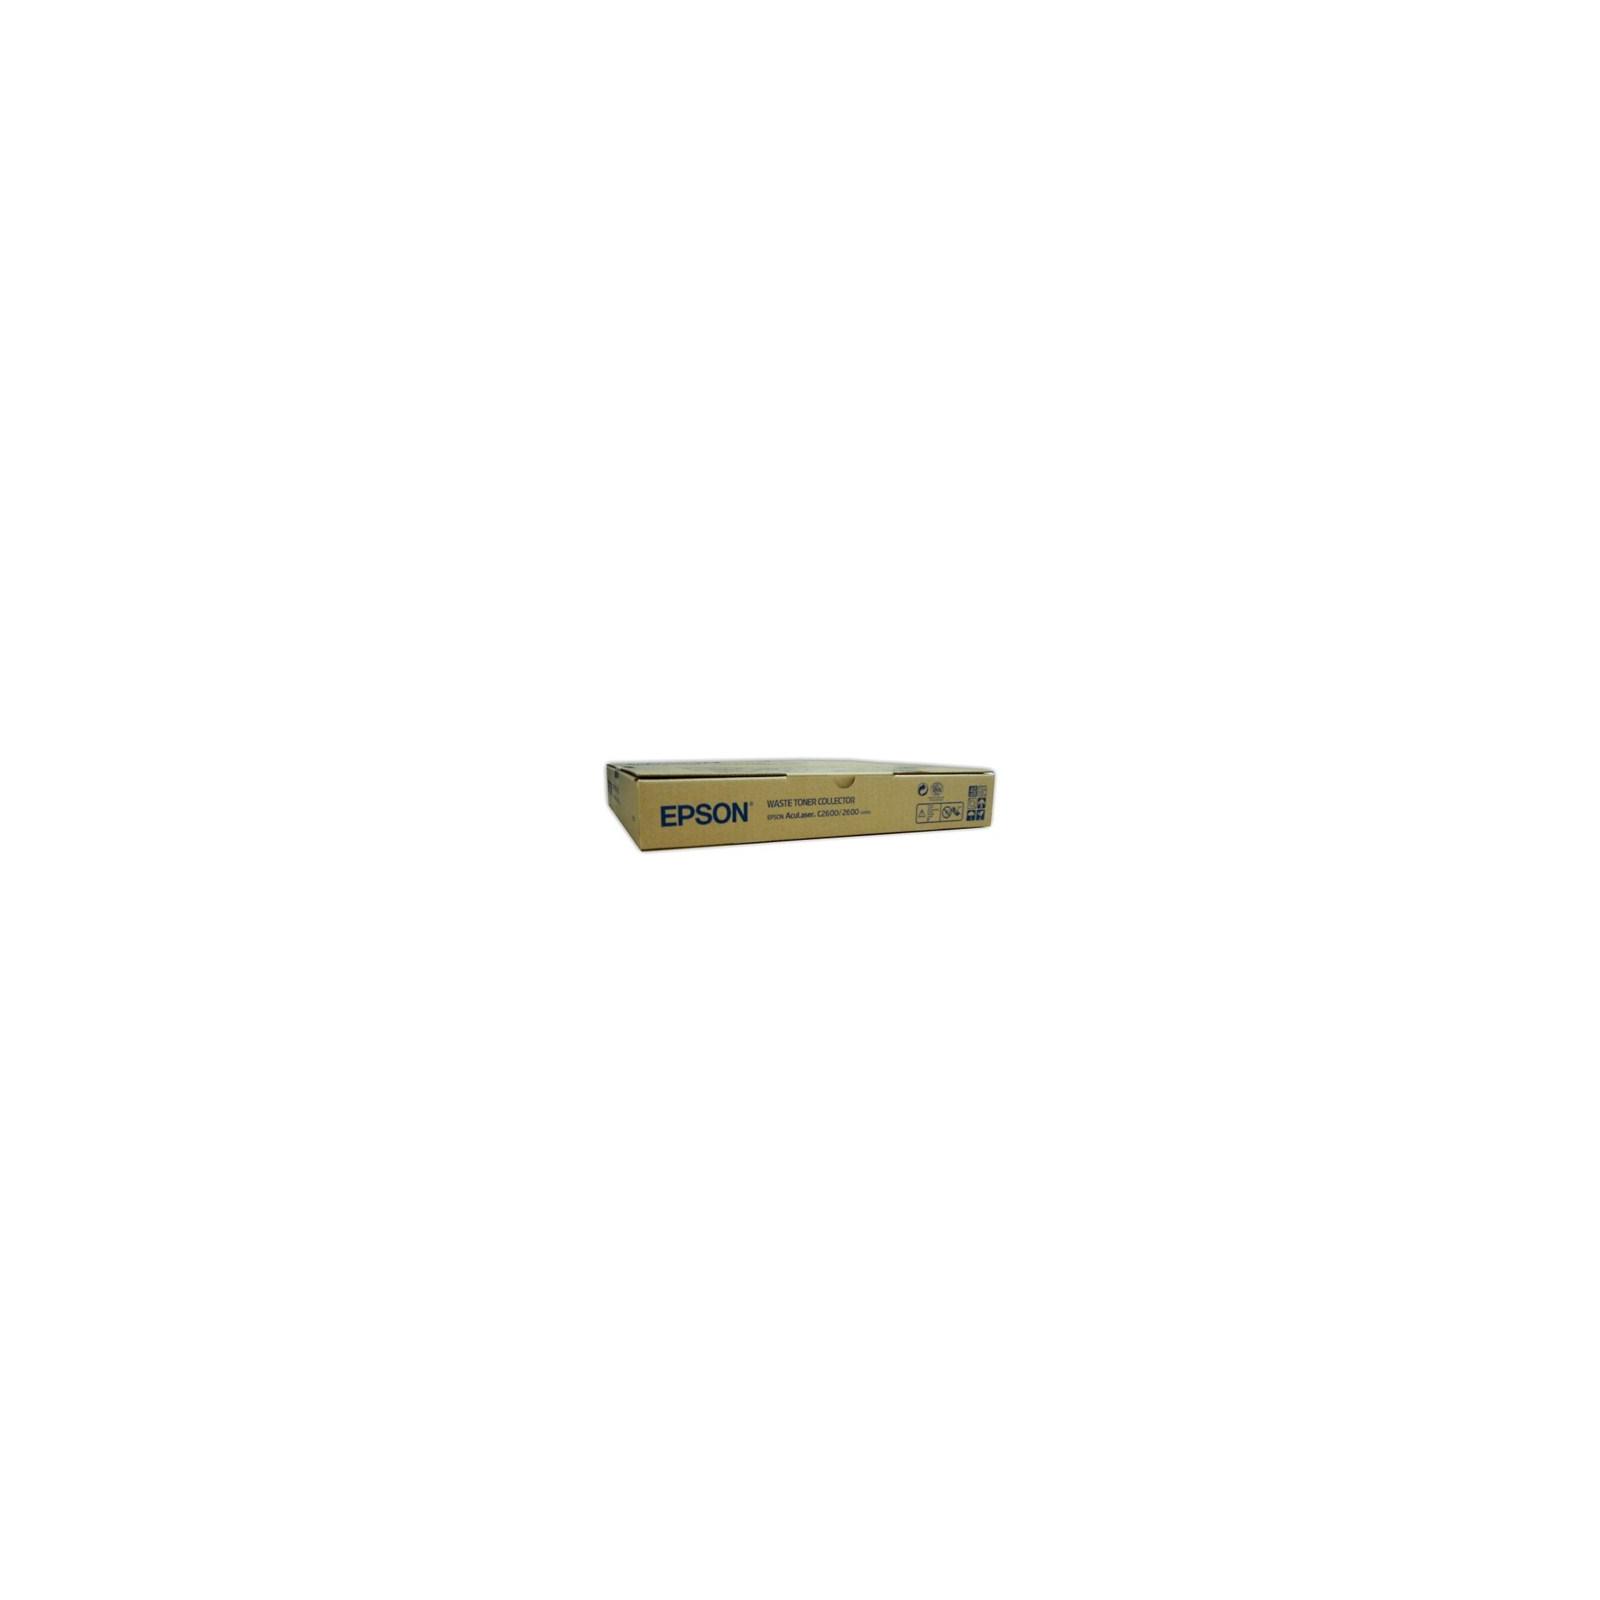 Сборник отработанного тонера EPSON Waste Toner Collector AcuLaser 2600 (C13S050233)